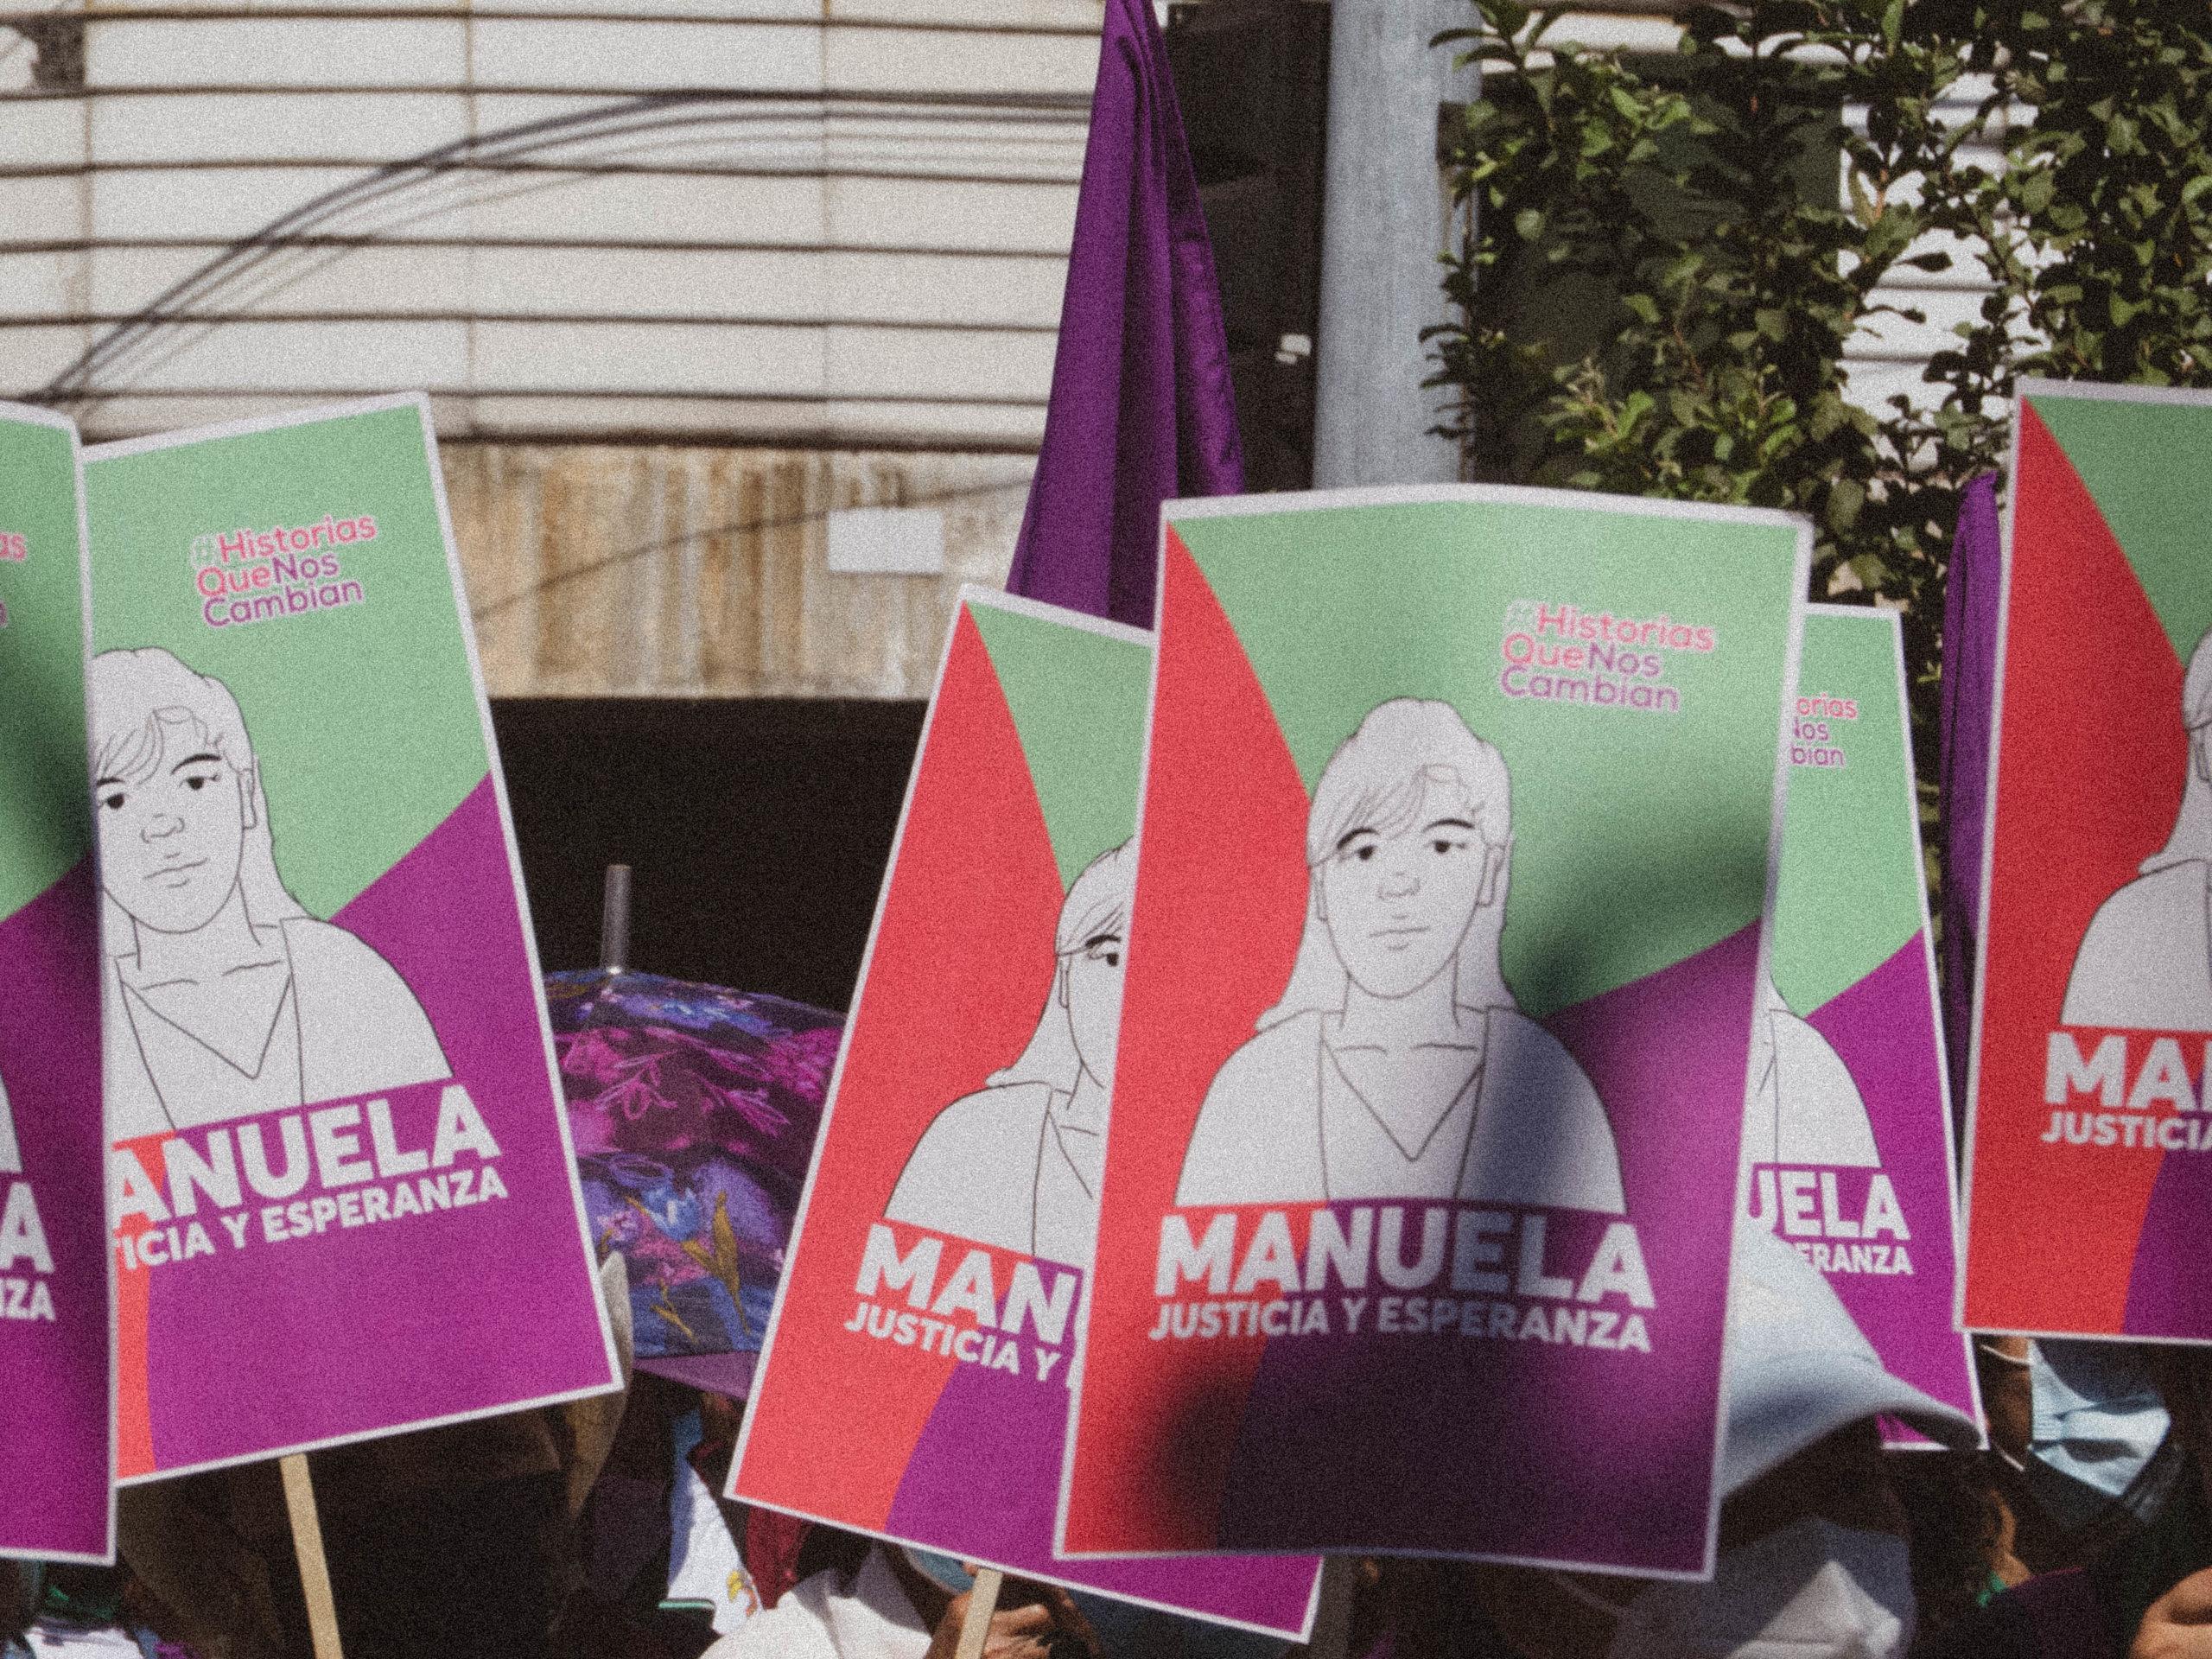 Caso Manuela vs El Salvador